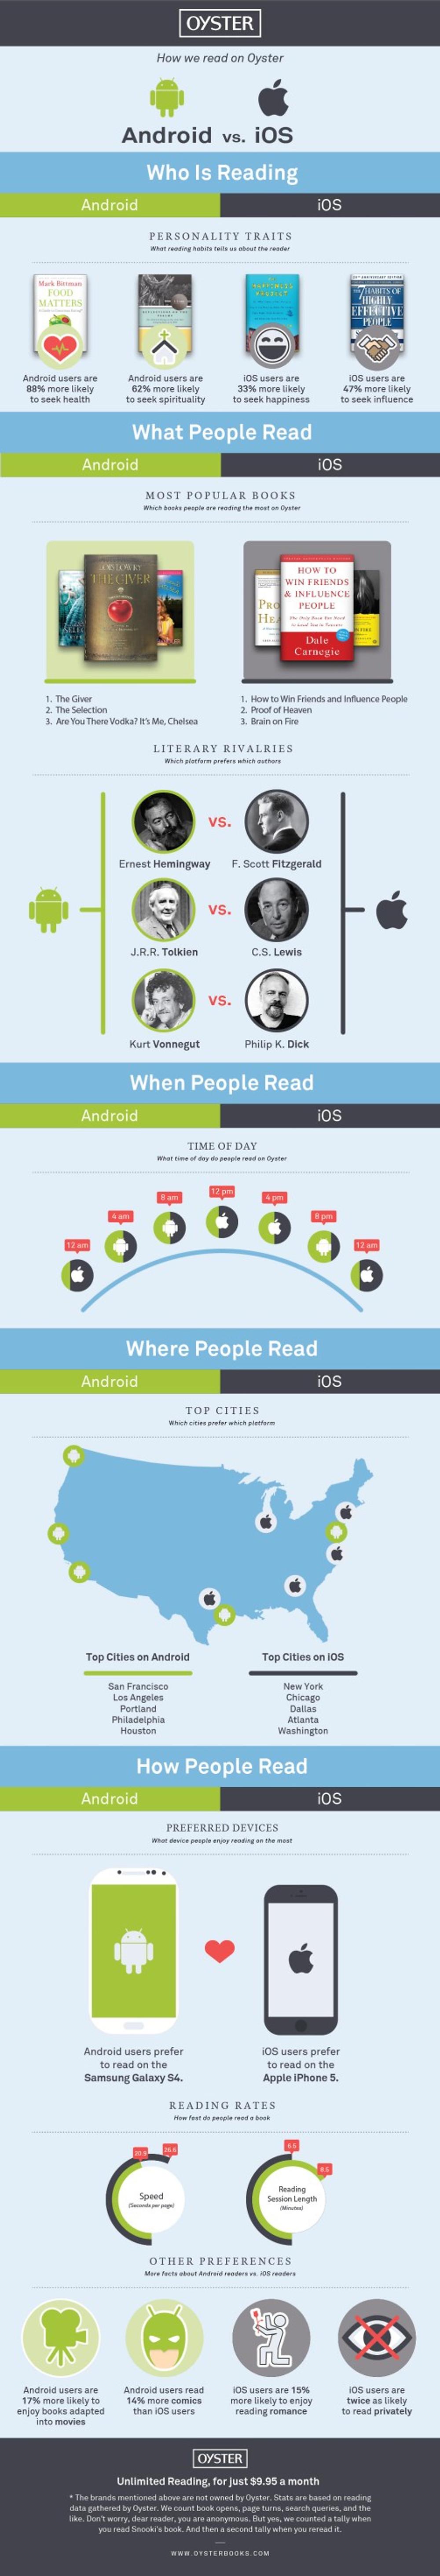 iOS vs android reading habits